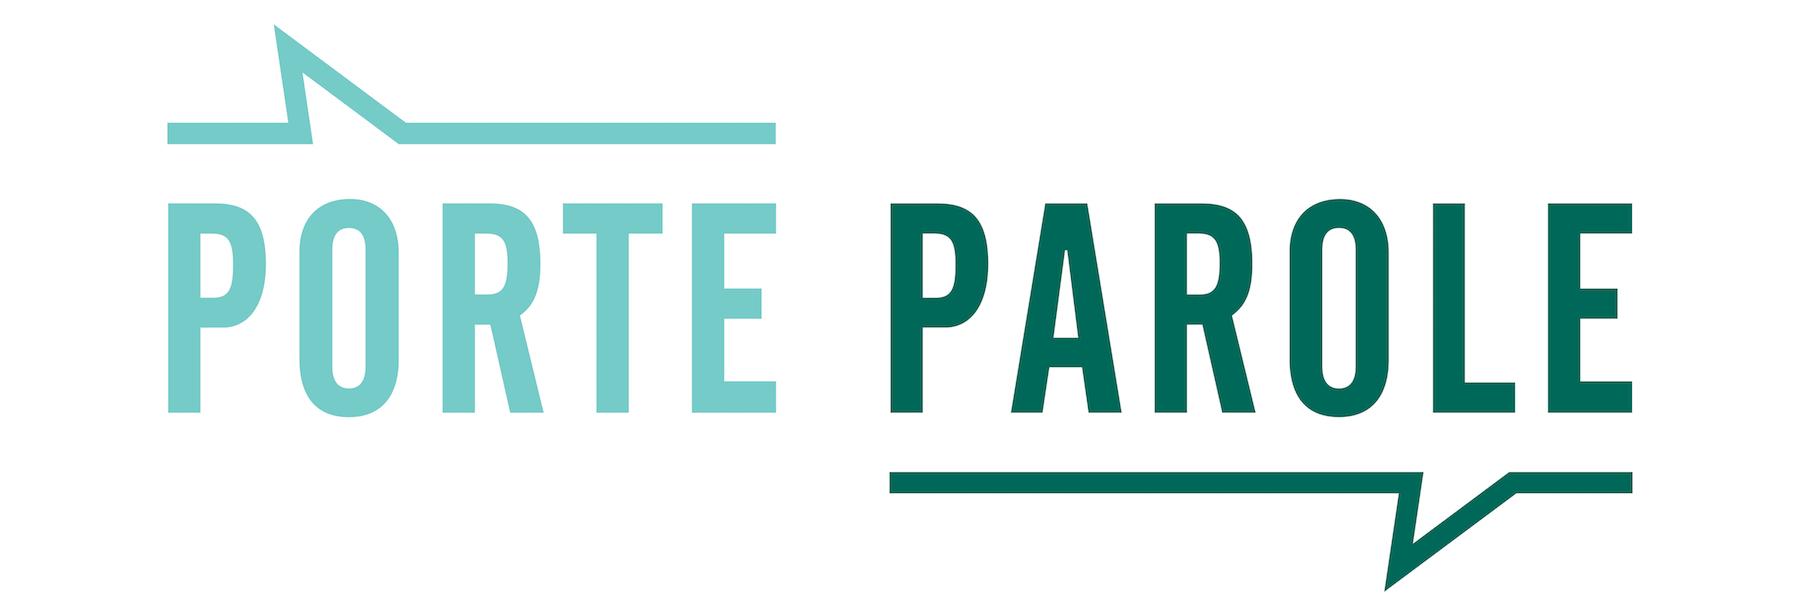 Porte Parole Logo